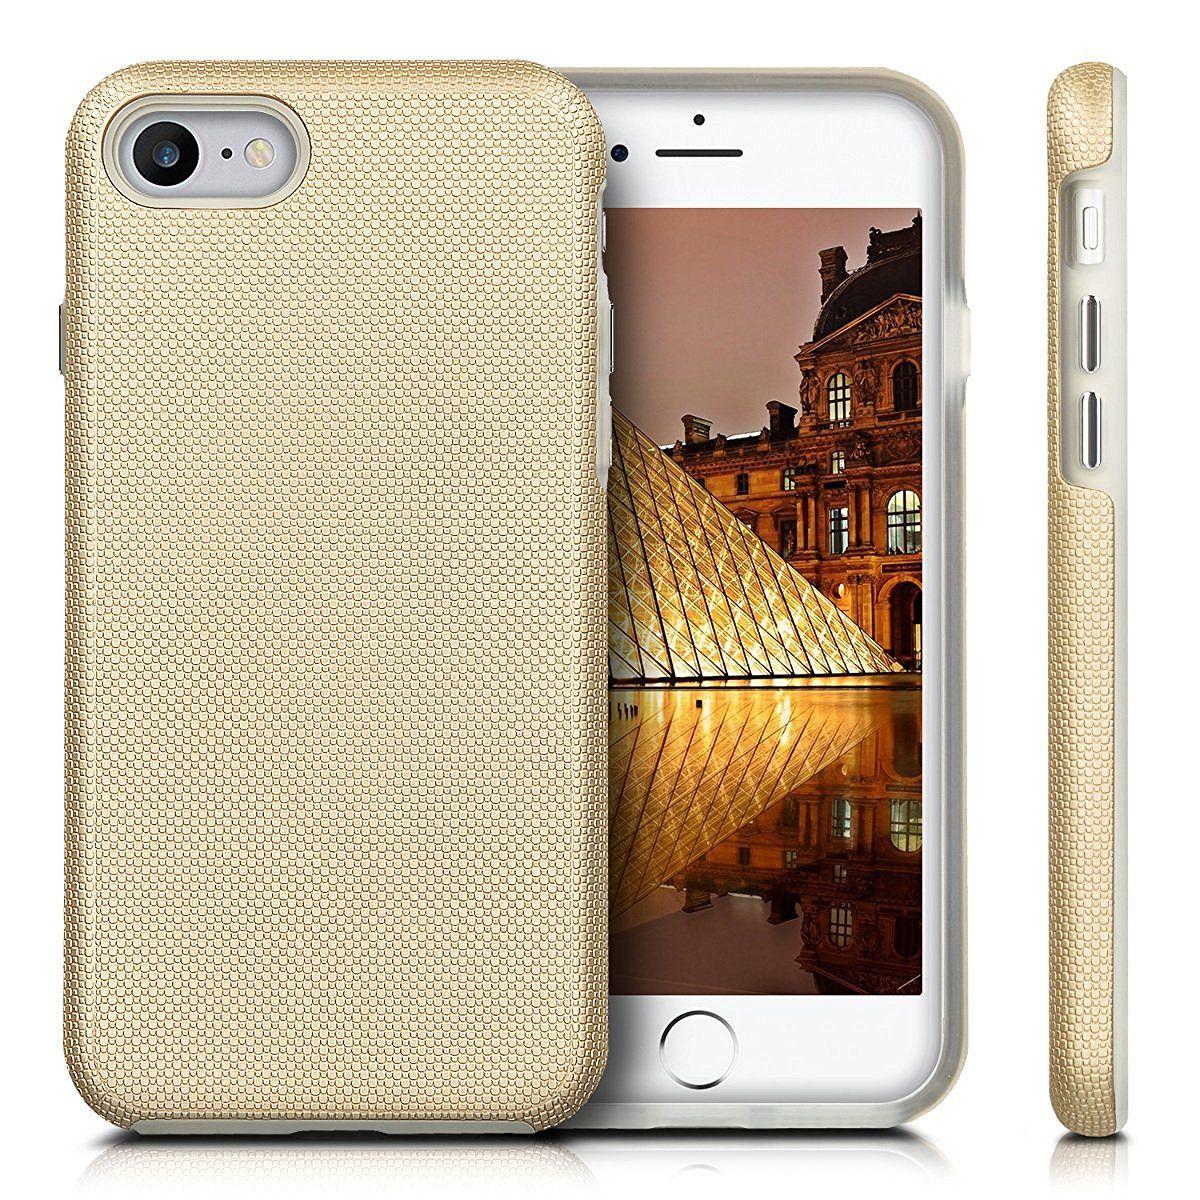 kalibri Armor Schutzhülle für Apple iPhone 7: Amazon.de: Computer & Zubehör